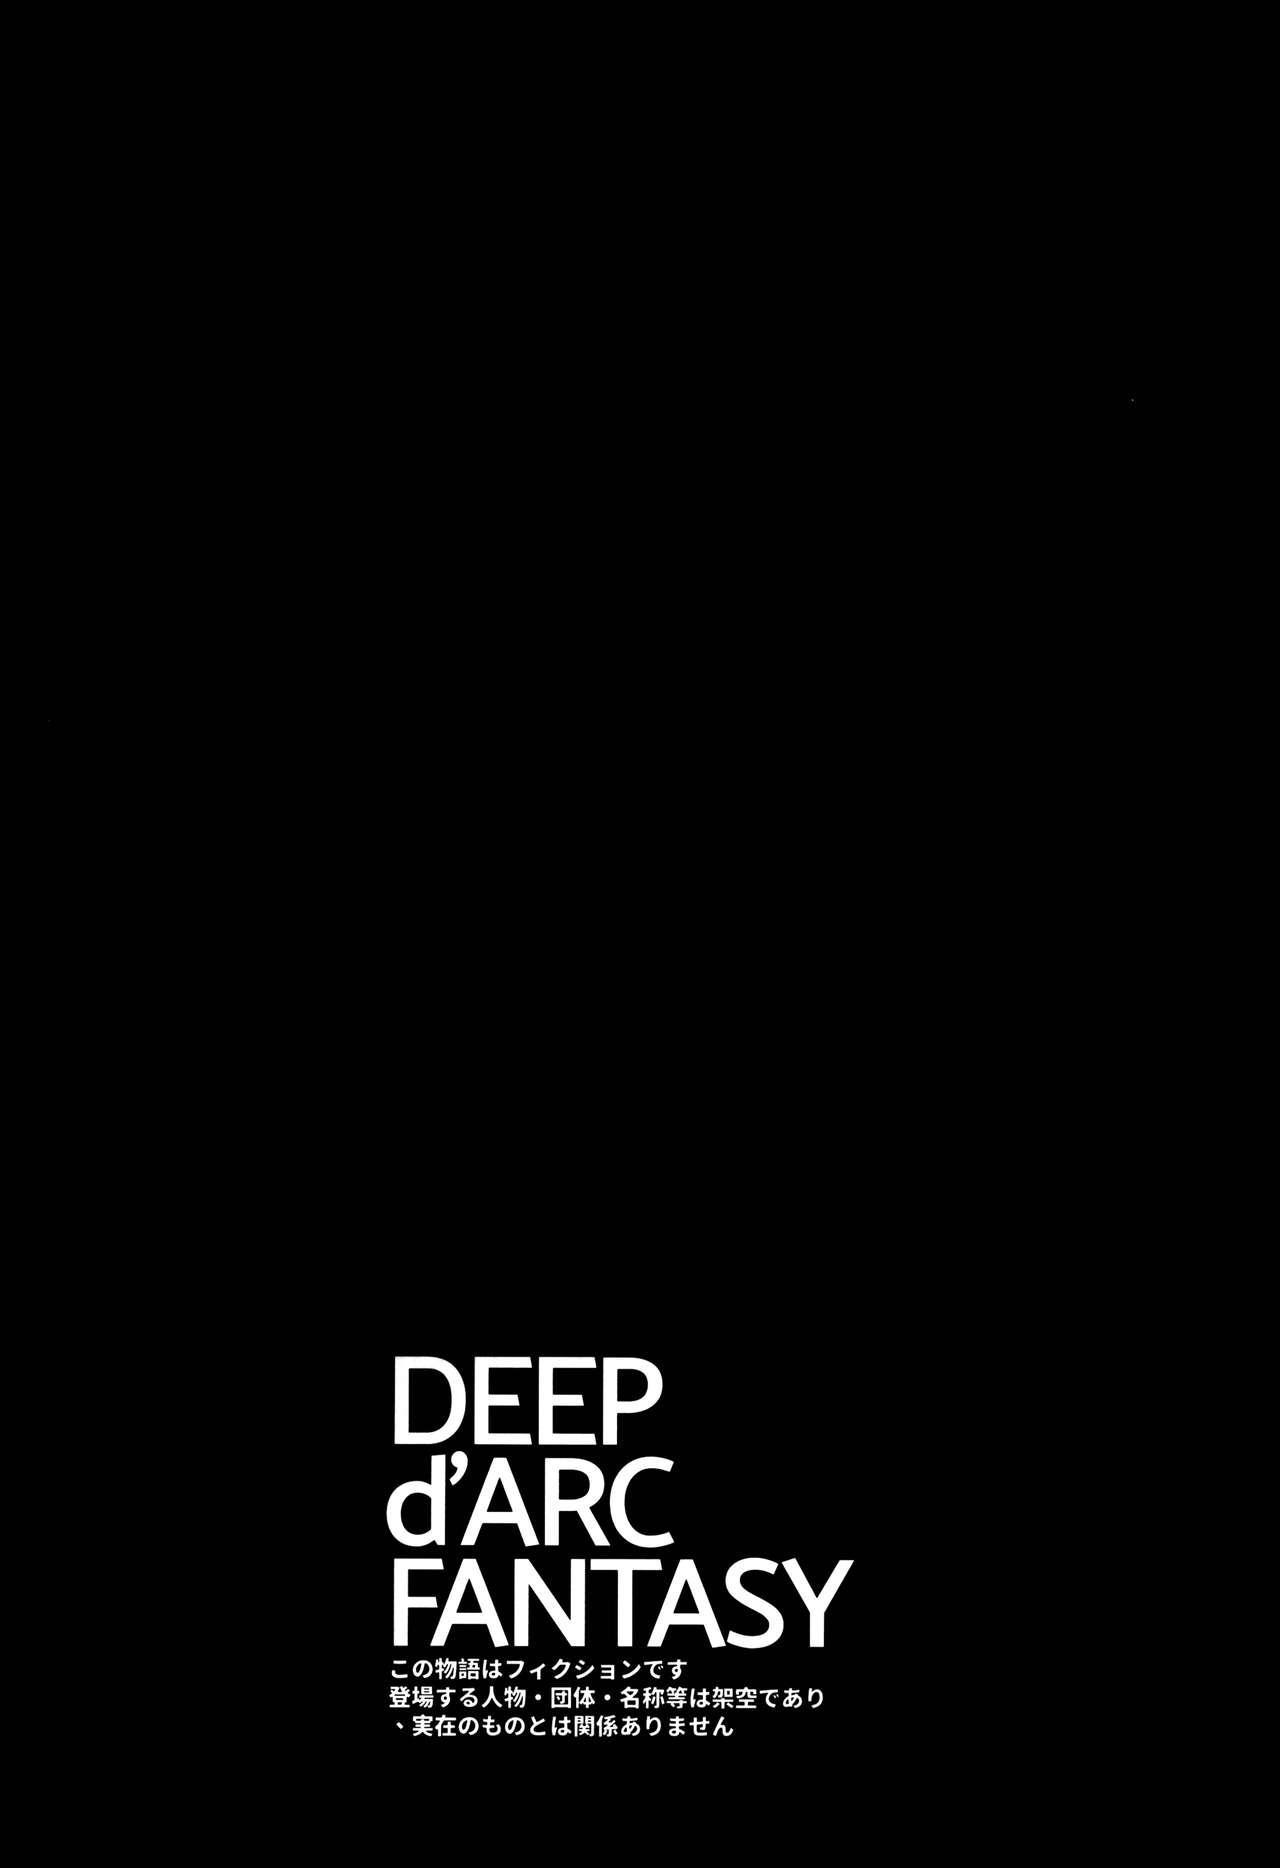 DEEP d'ARC FANTASY 3